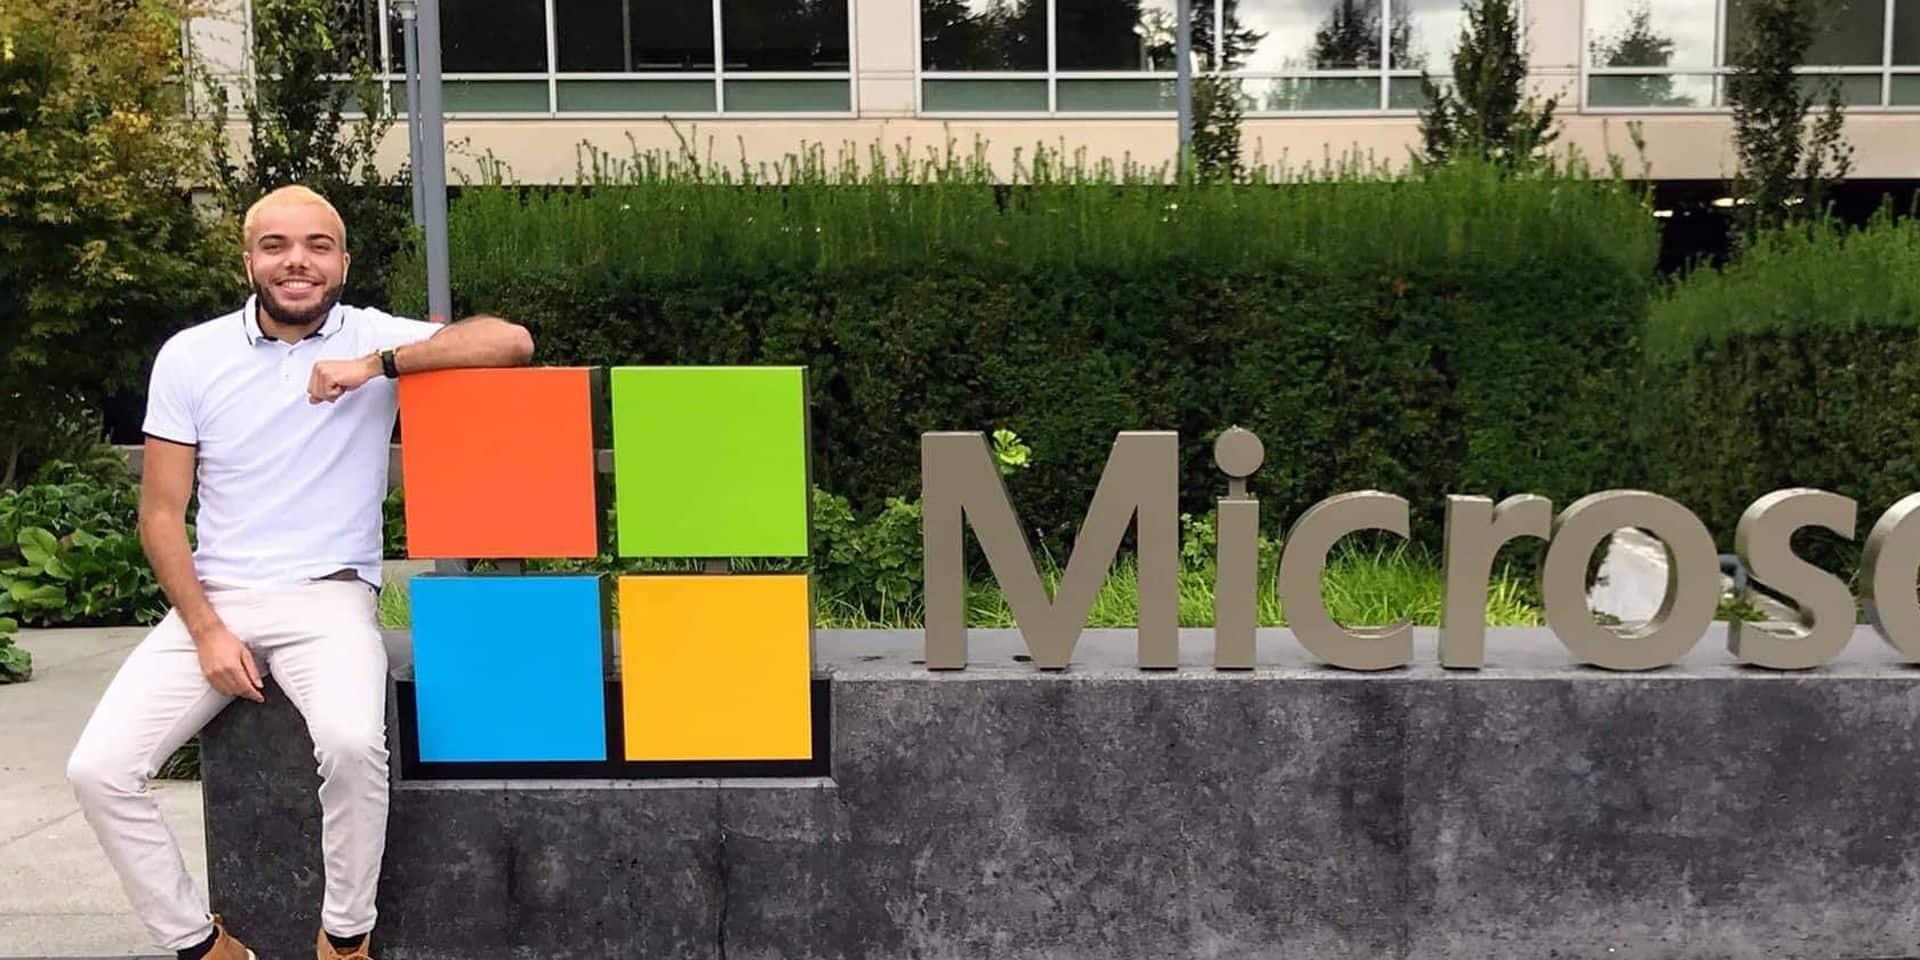 Le Jodoignois Aurélien a réalisé son rêve: travailler chez Microsoft